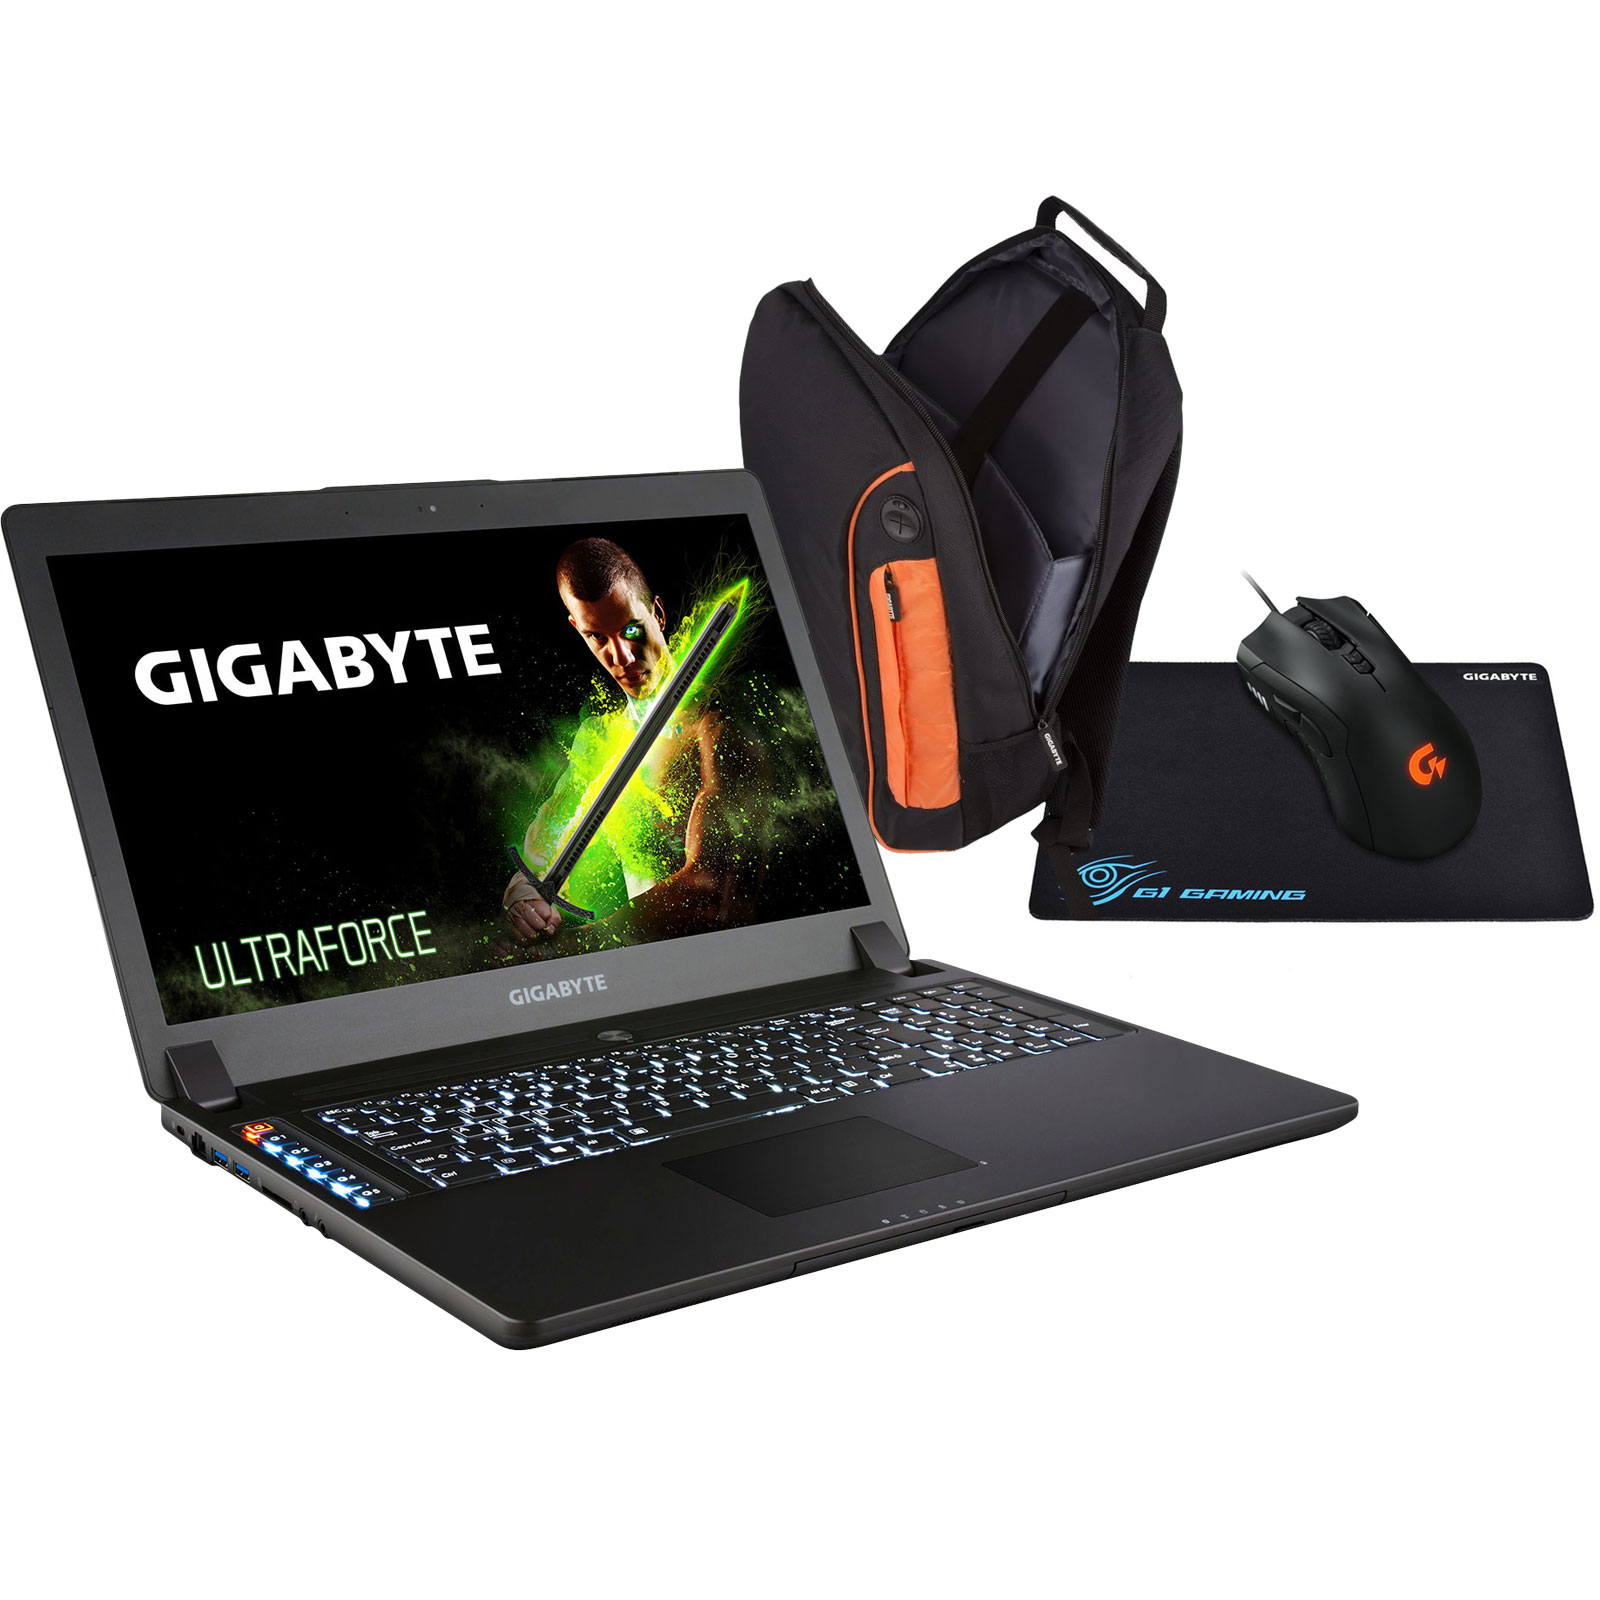 gigabyte p37x v6 c4kw10 fr 4k bonus pack offert pc. Black Bedroom Furniture Sets. Home Design Ideas